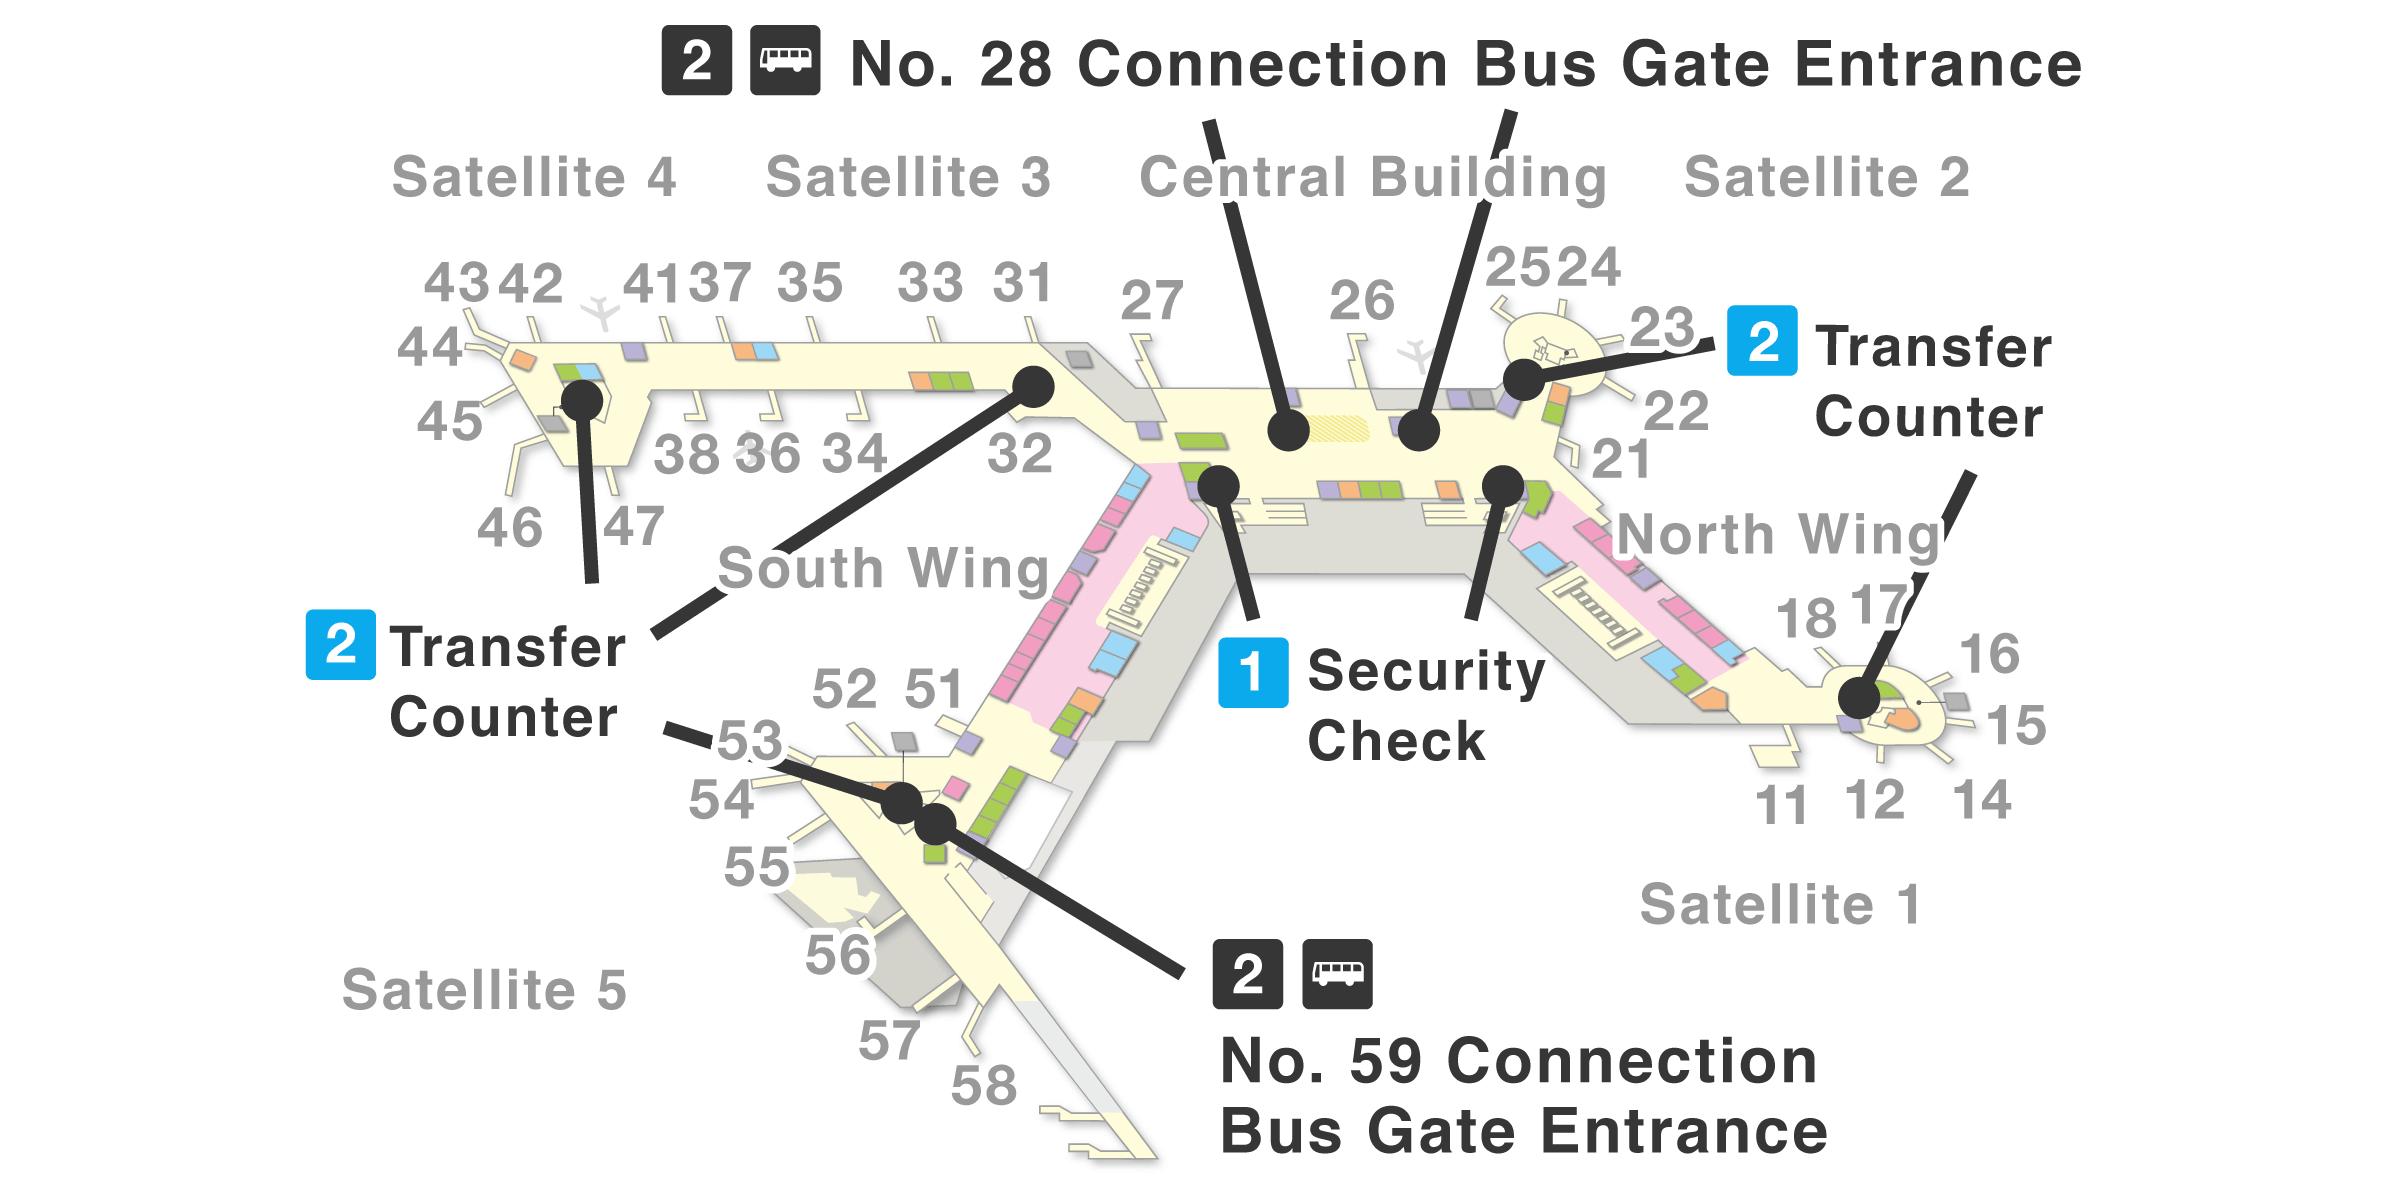 Narita Airport Gate Map Terminal 1 | NARITA INTERNATIONAL AIRPORT OFFICIAL WEBSITE